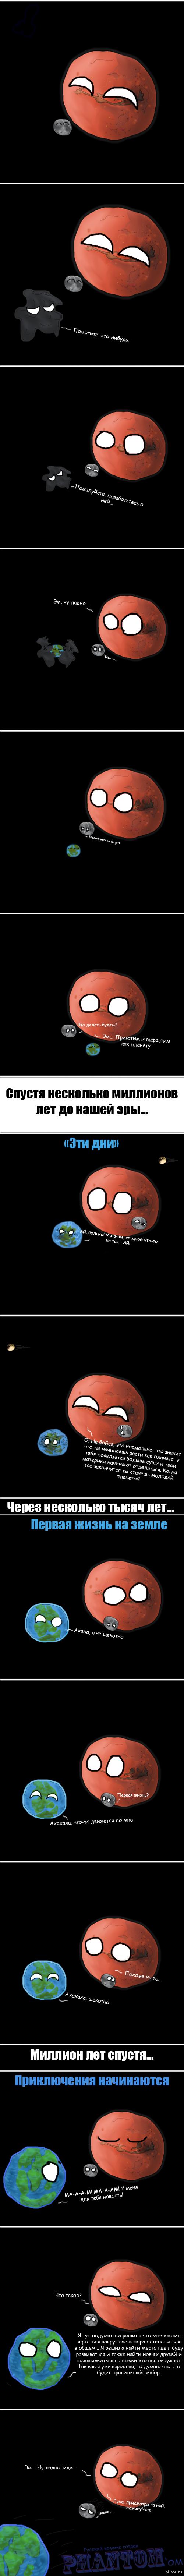 Рождение земли Извиняюсь, если что-то не так, всё-таки это мой первый комикс. Все указания на ошибки буду выслушивать и пытаться исправлять. Группа и инфа комикса в комментах.